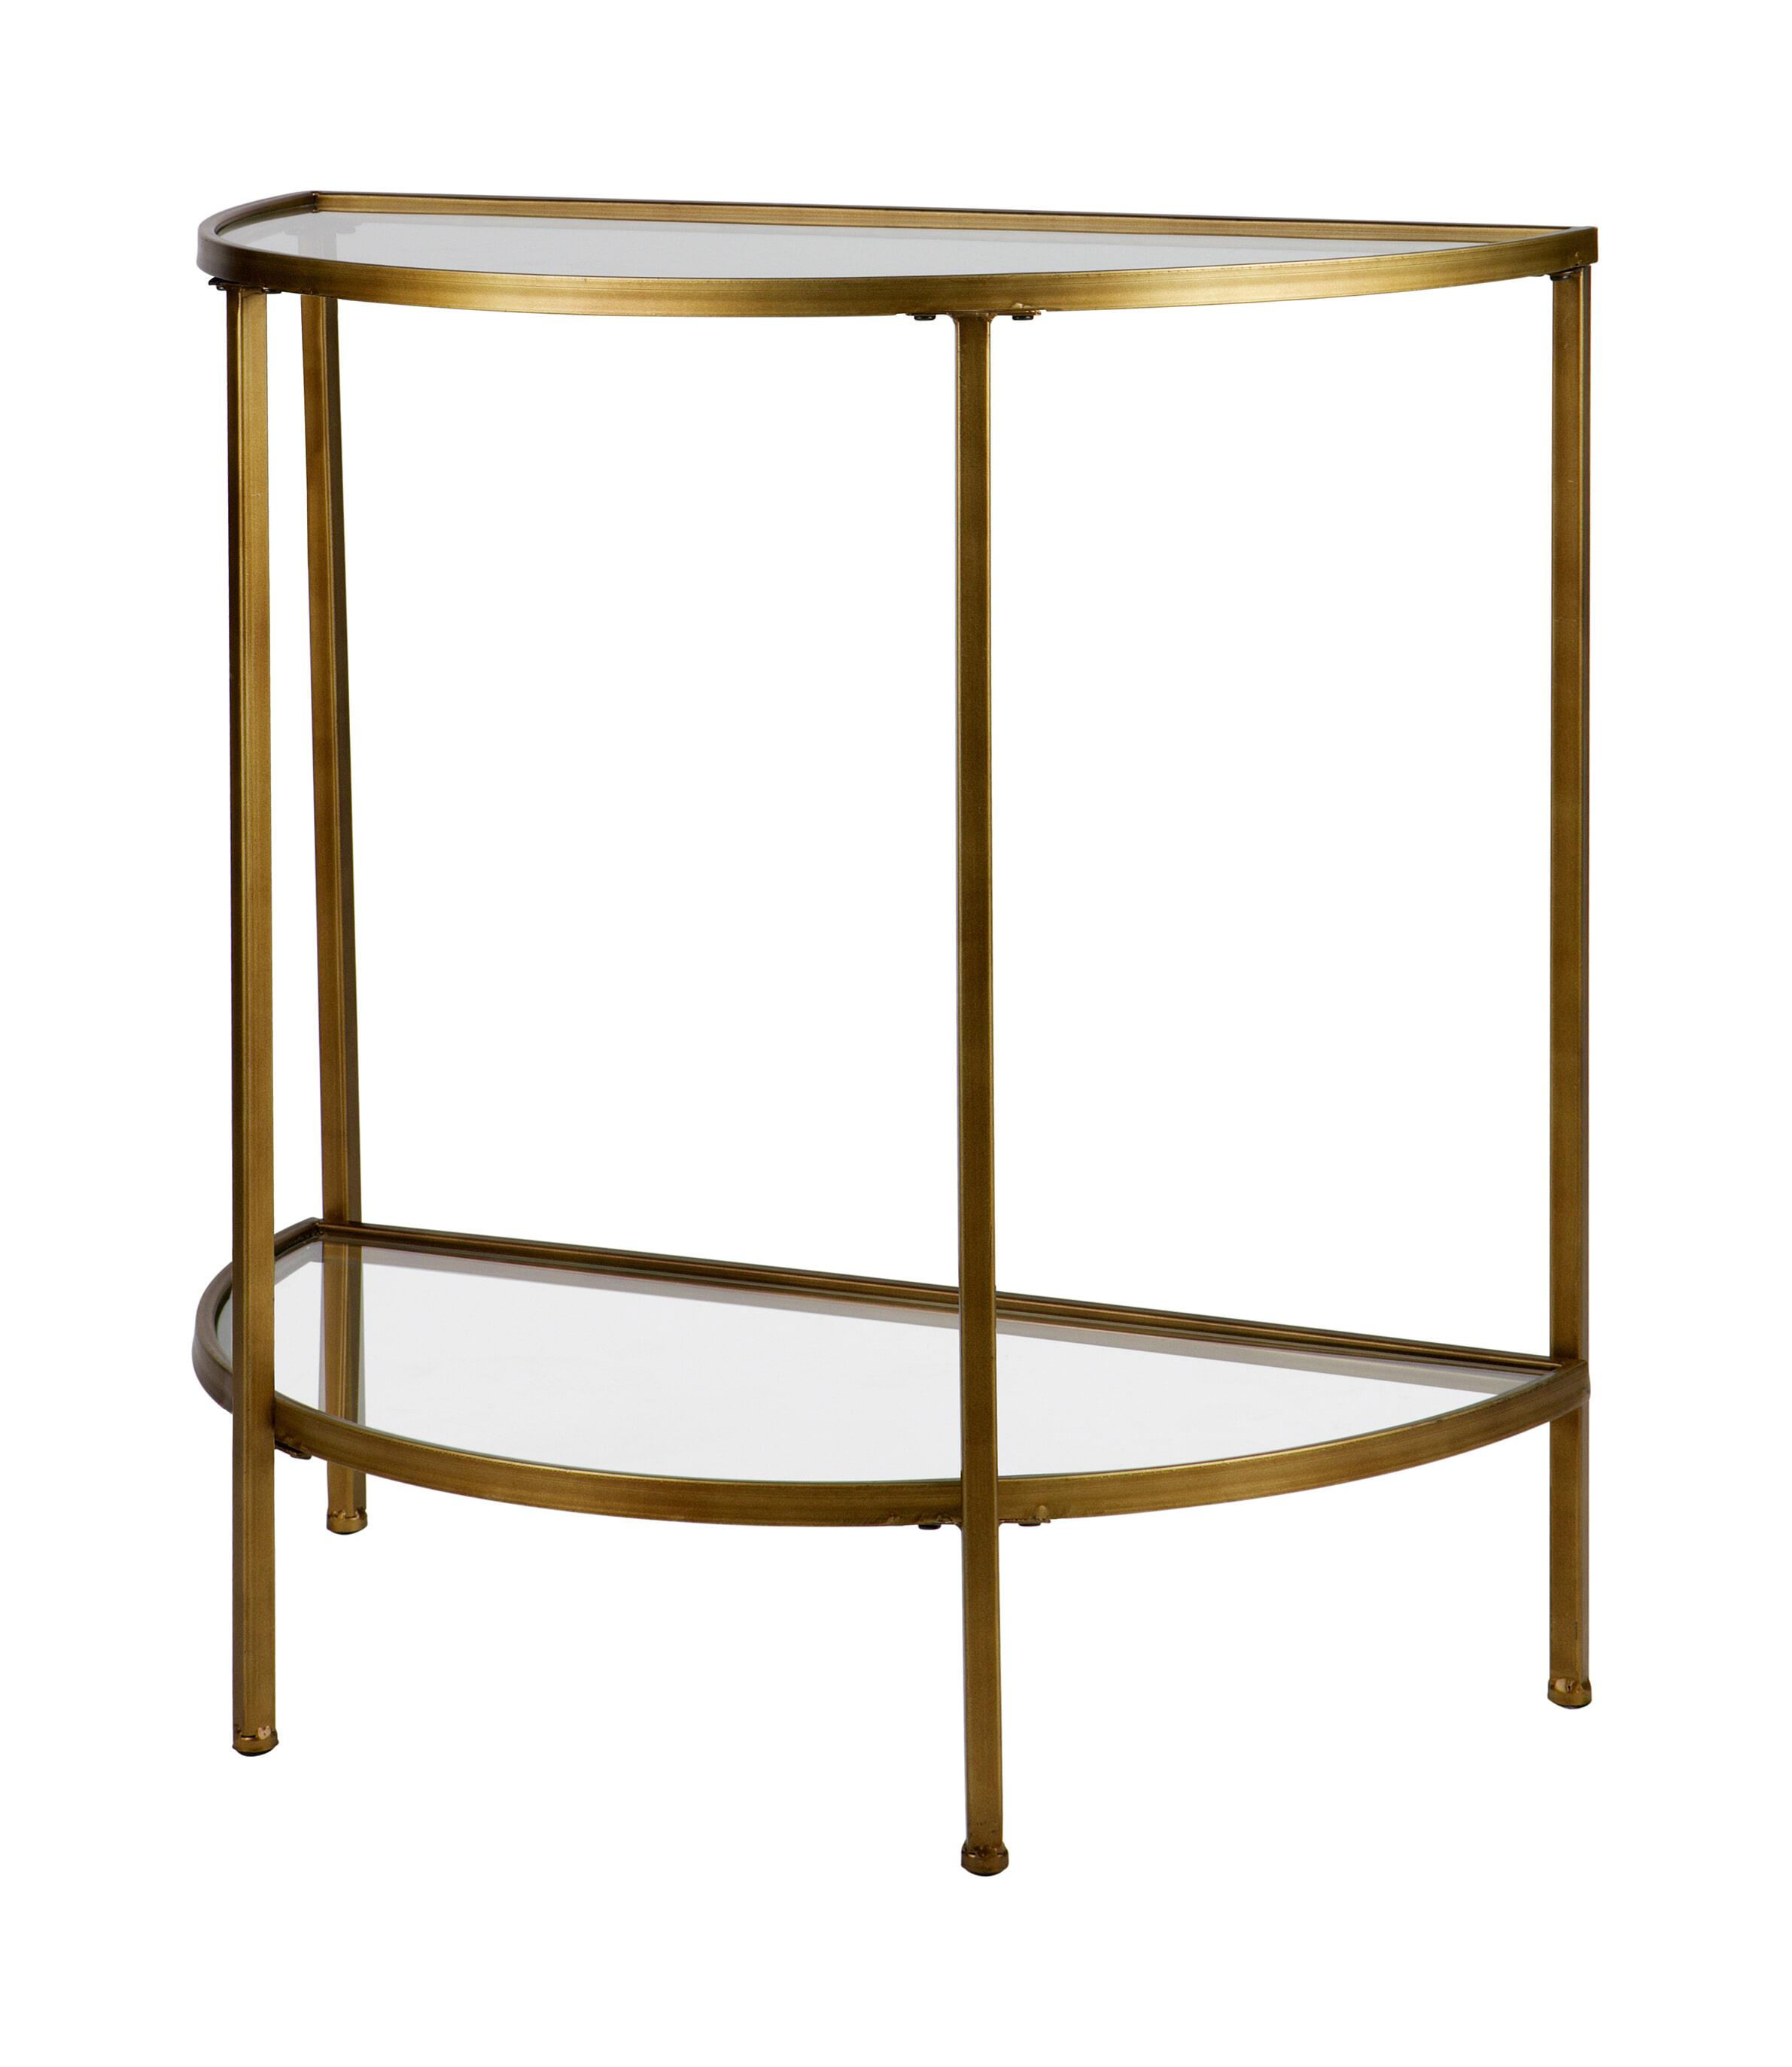 BePureHome Side-table 'Goddess', kleur Antique Brass Metaal met antiek brass afwerking aanschaffen? Kijk hier!